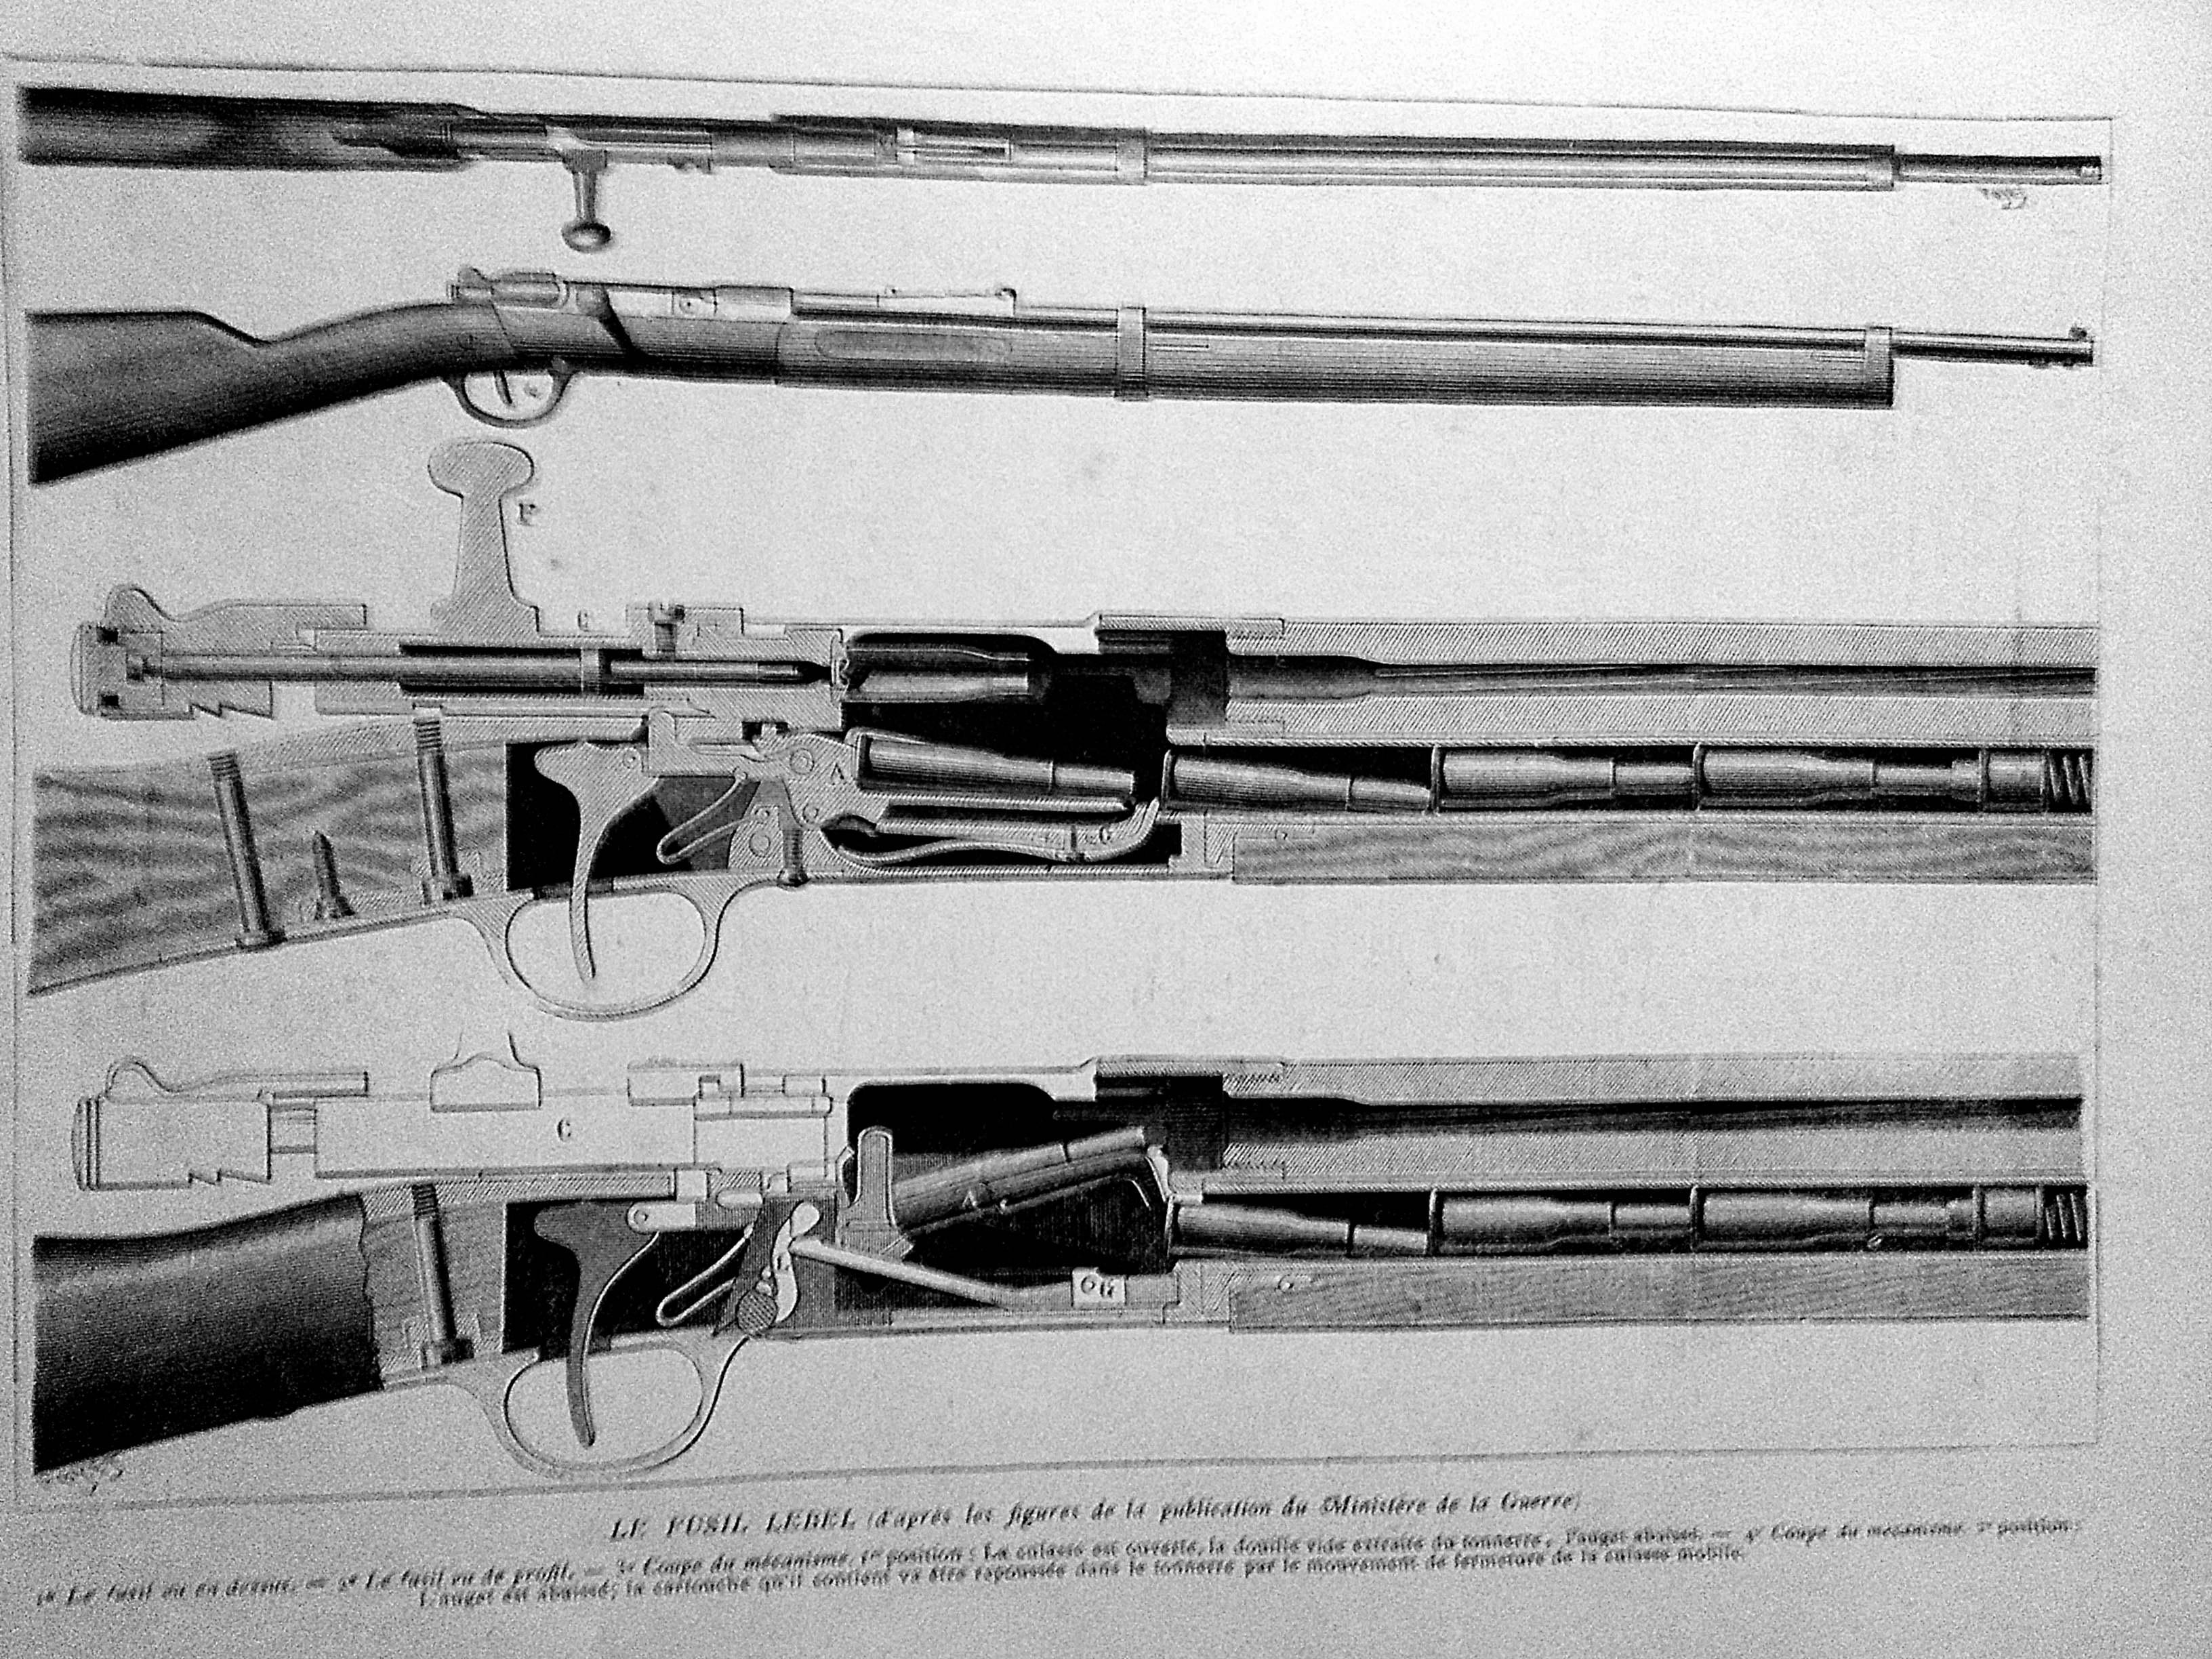 File:Fusil lebel.jpg - Wikimedia Commons: commons.wikimedia.org/wiki/file:fusil_lebel.jpg